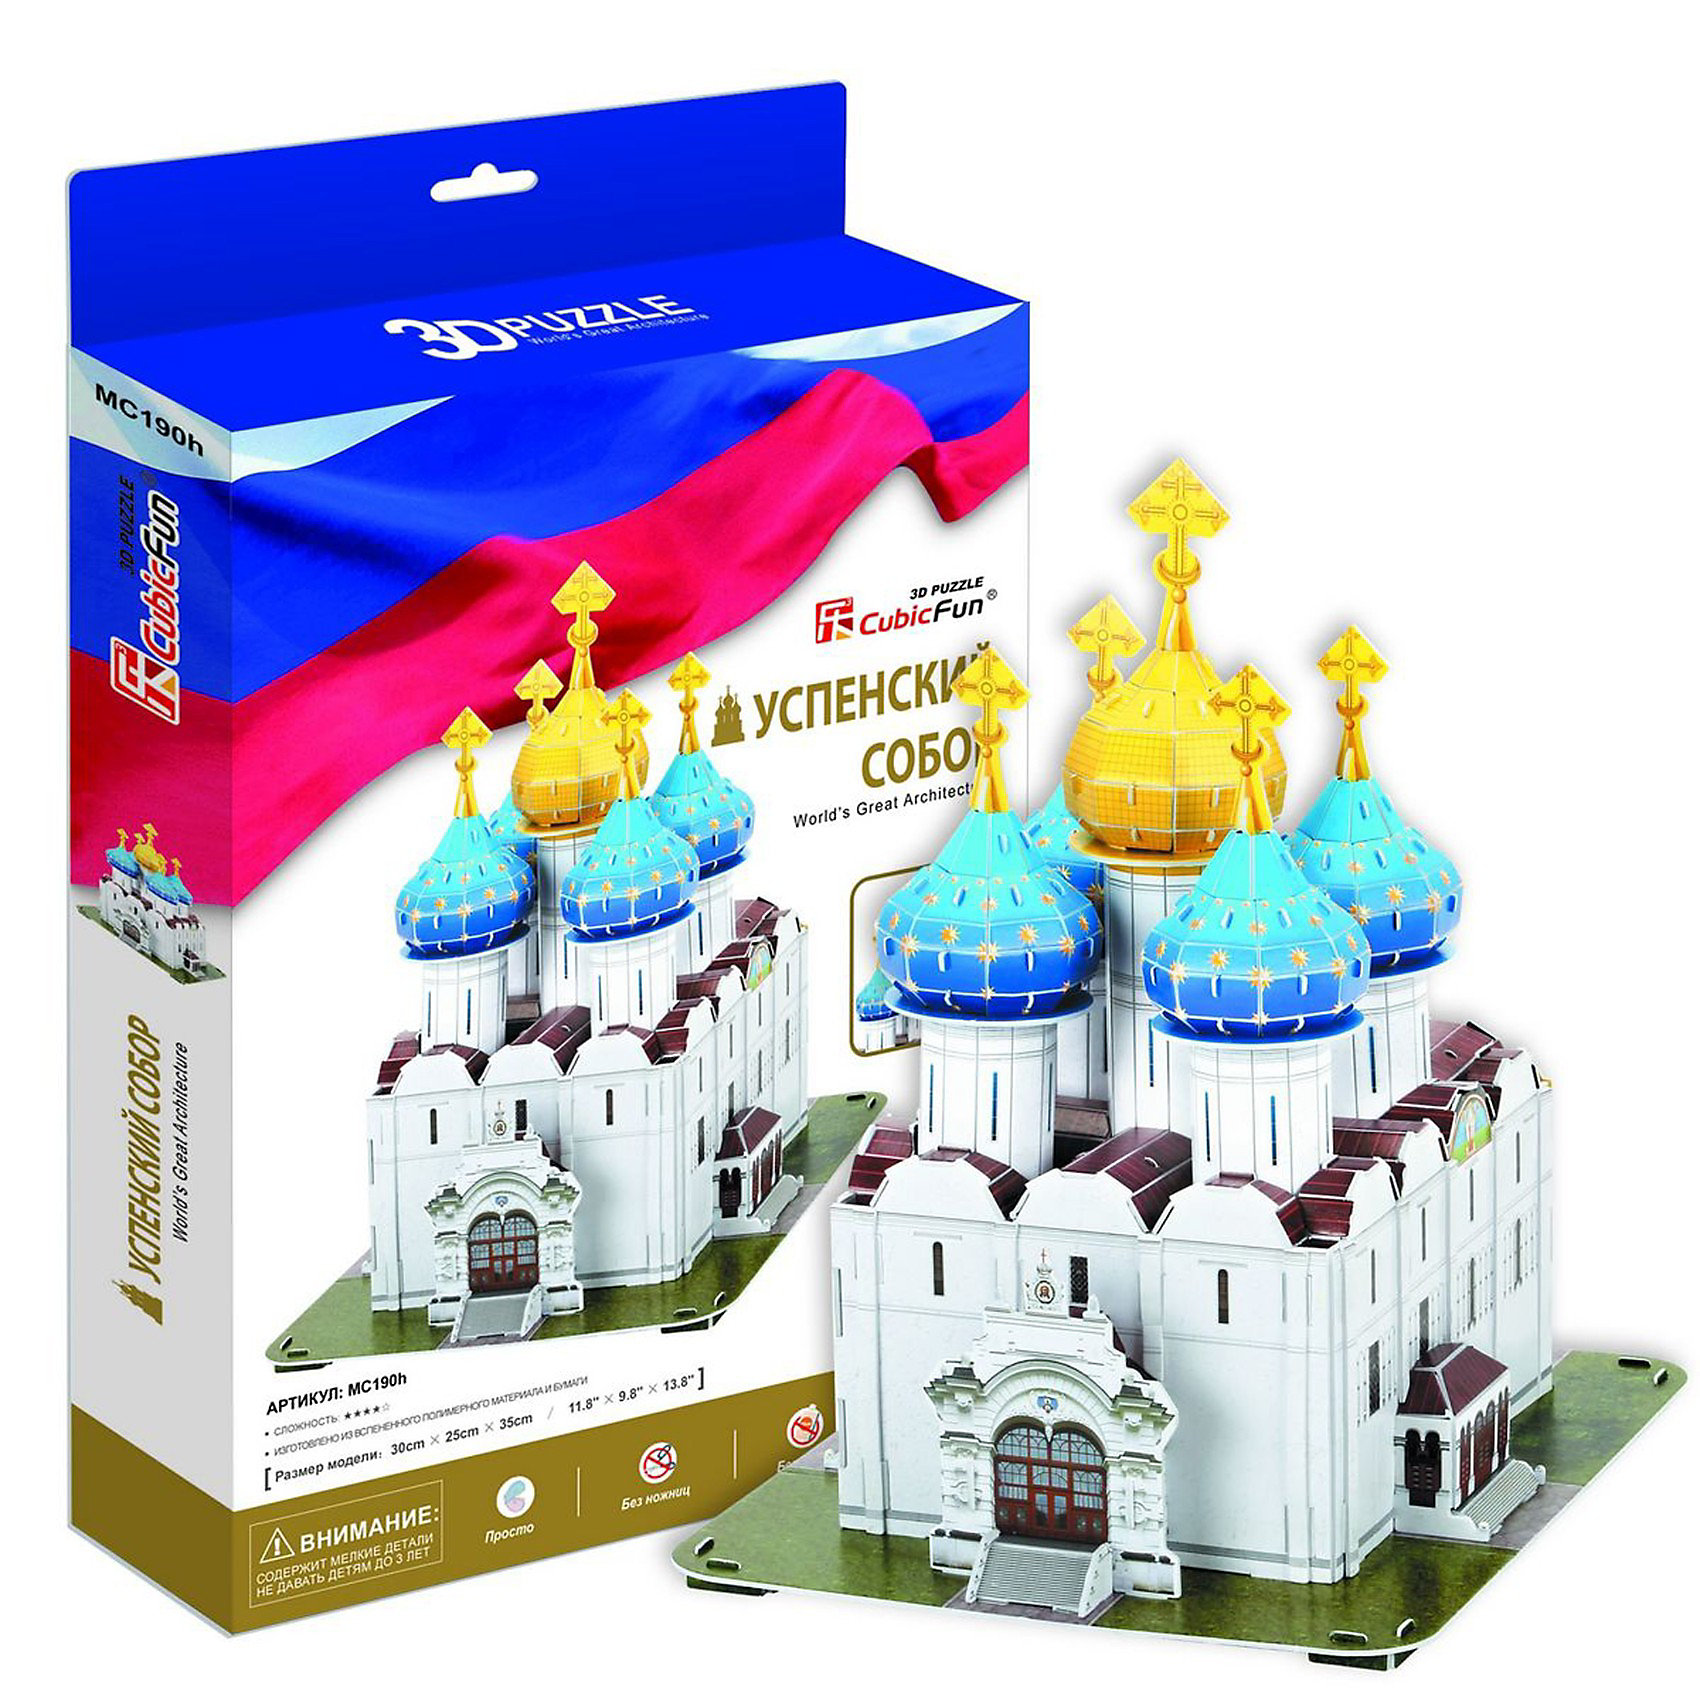 CubicFun Пазл 3D Успенский собор, Троице-Сергиева Лавра (Россия), CubicFun cubicfun 3d пазл рождественская церковь россия